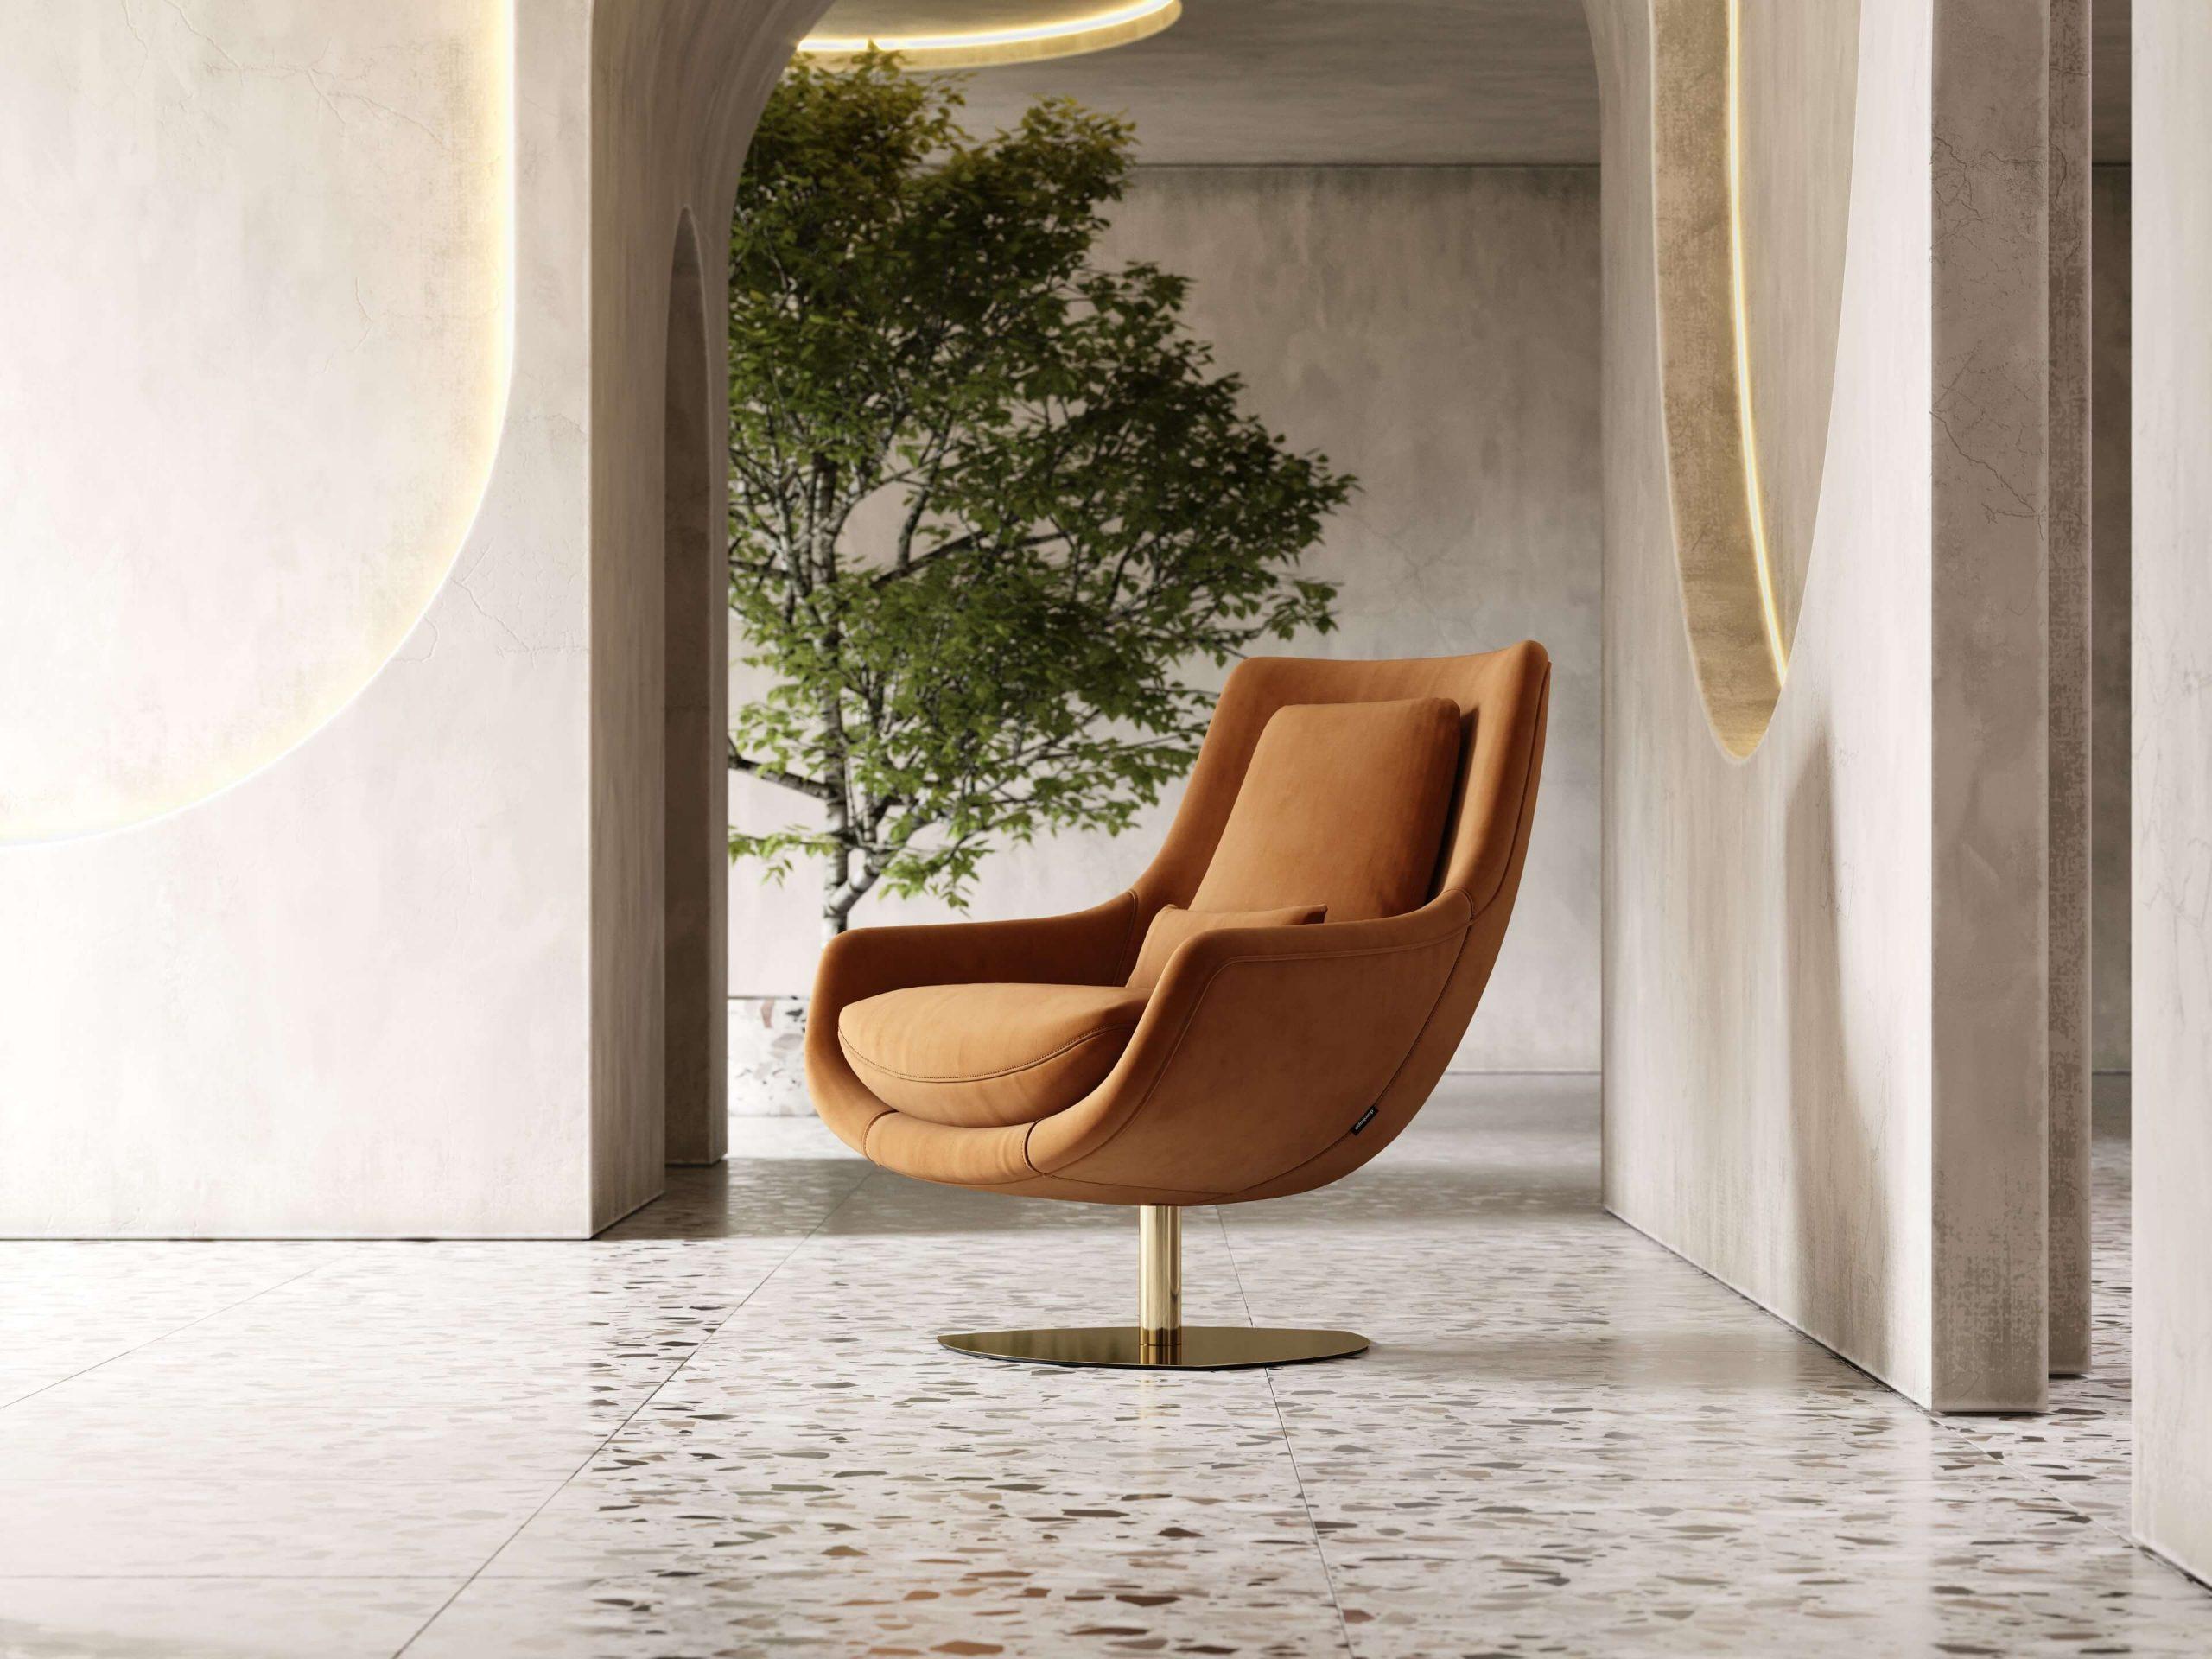 Elba-armchair-cotton-velvet-upholstered-furniture-living-room-interior-design-domkapa-Gold-stainless-steel-8